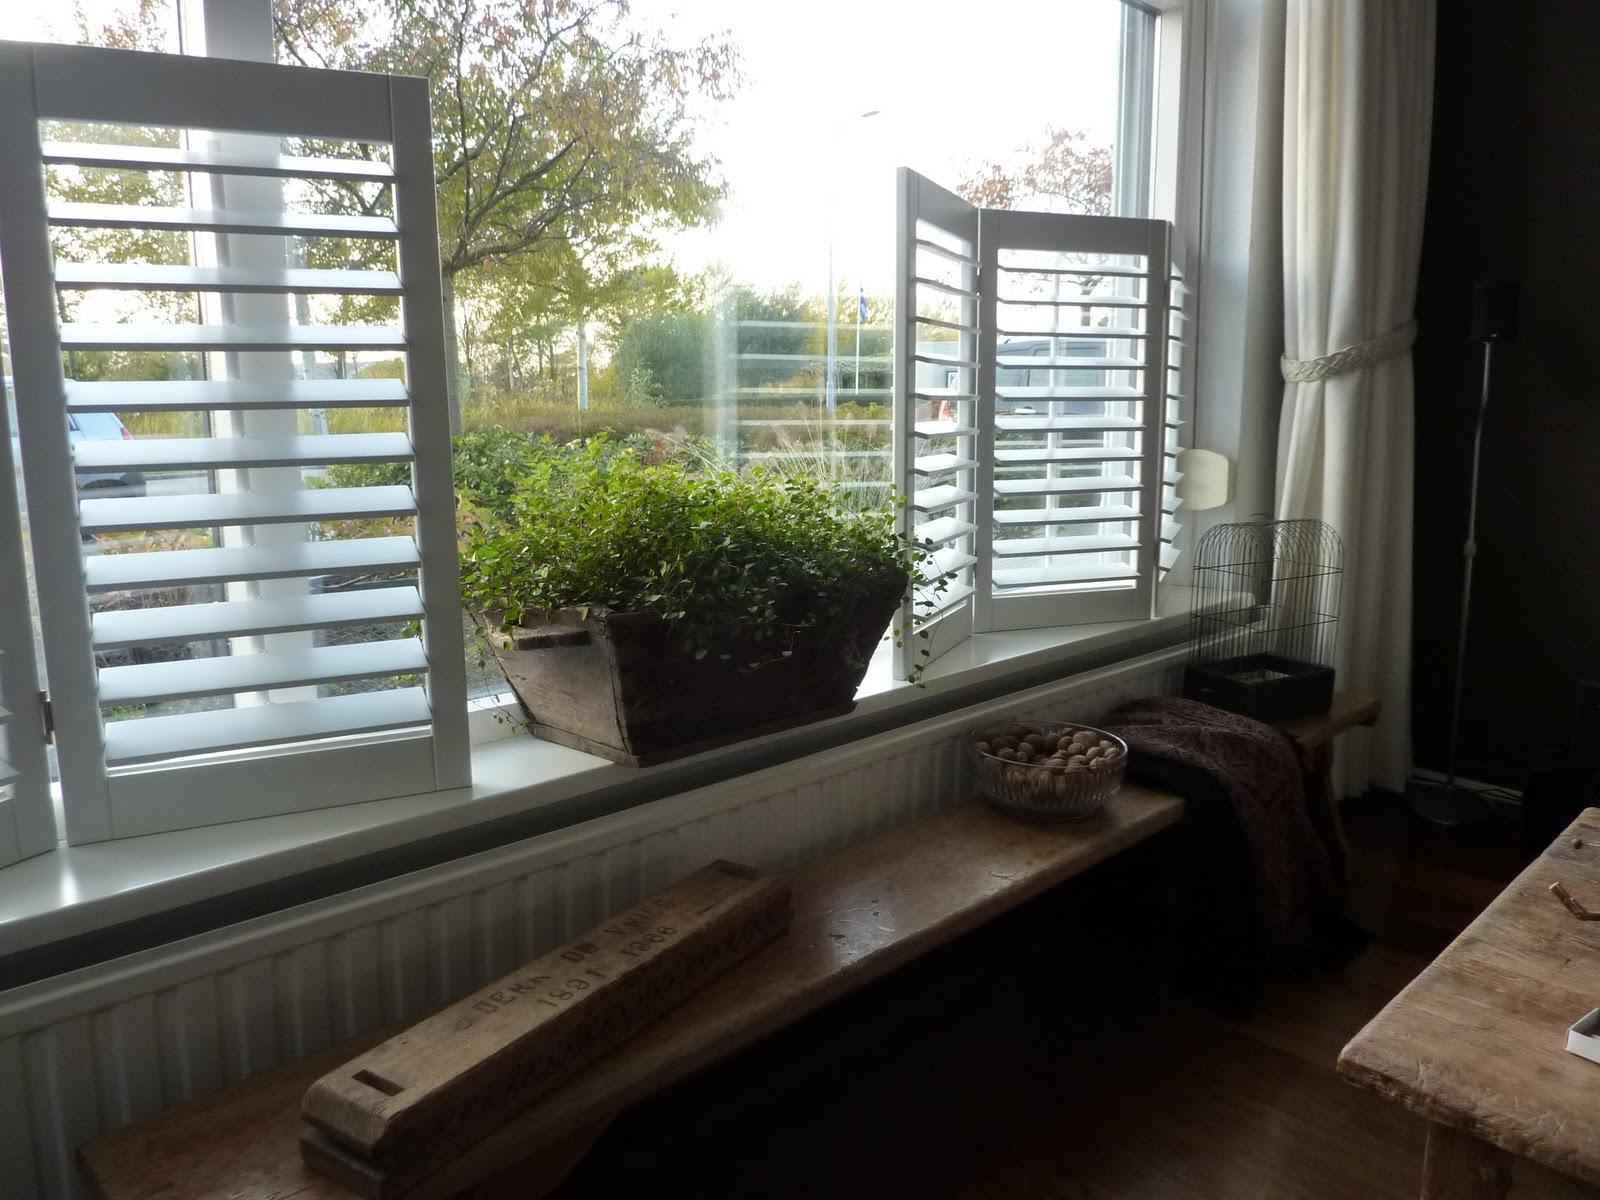 Wonen in zeeland pffffttttt for Houten decoratie voor raam